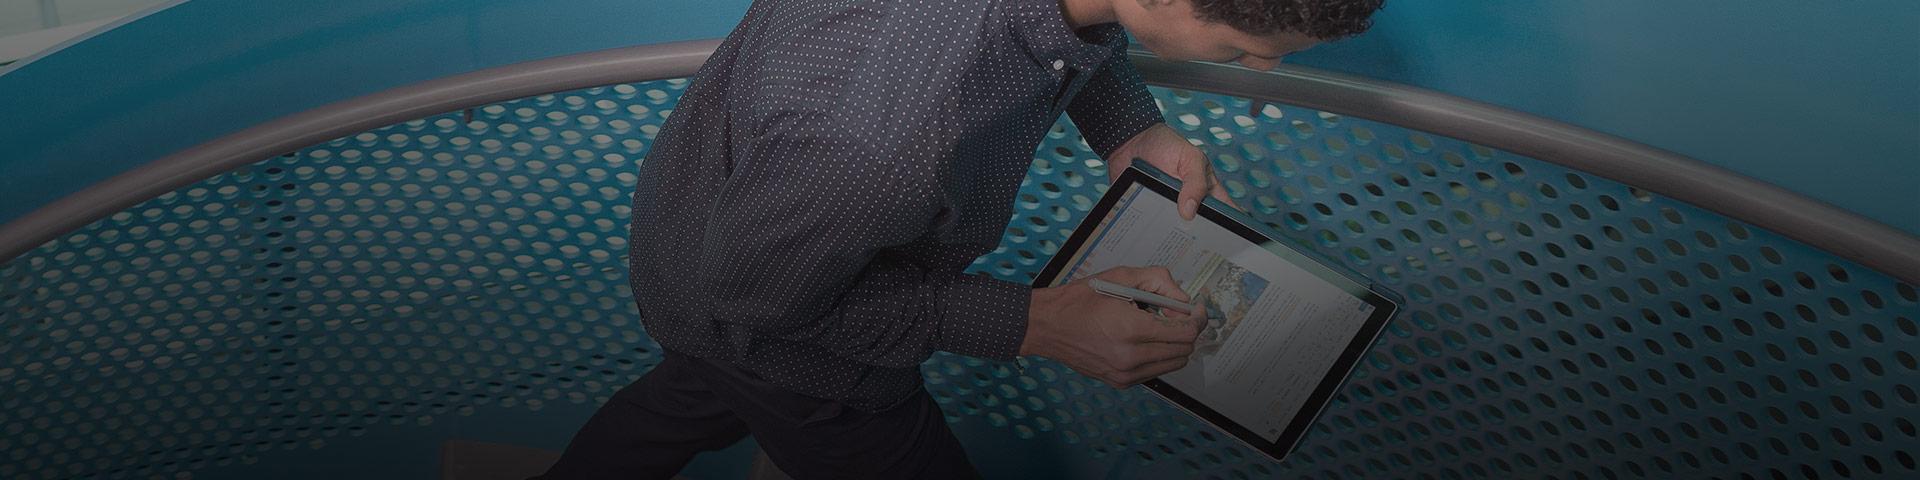 계단을 걸으면서 태블릿으로 작업하는 남성